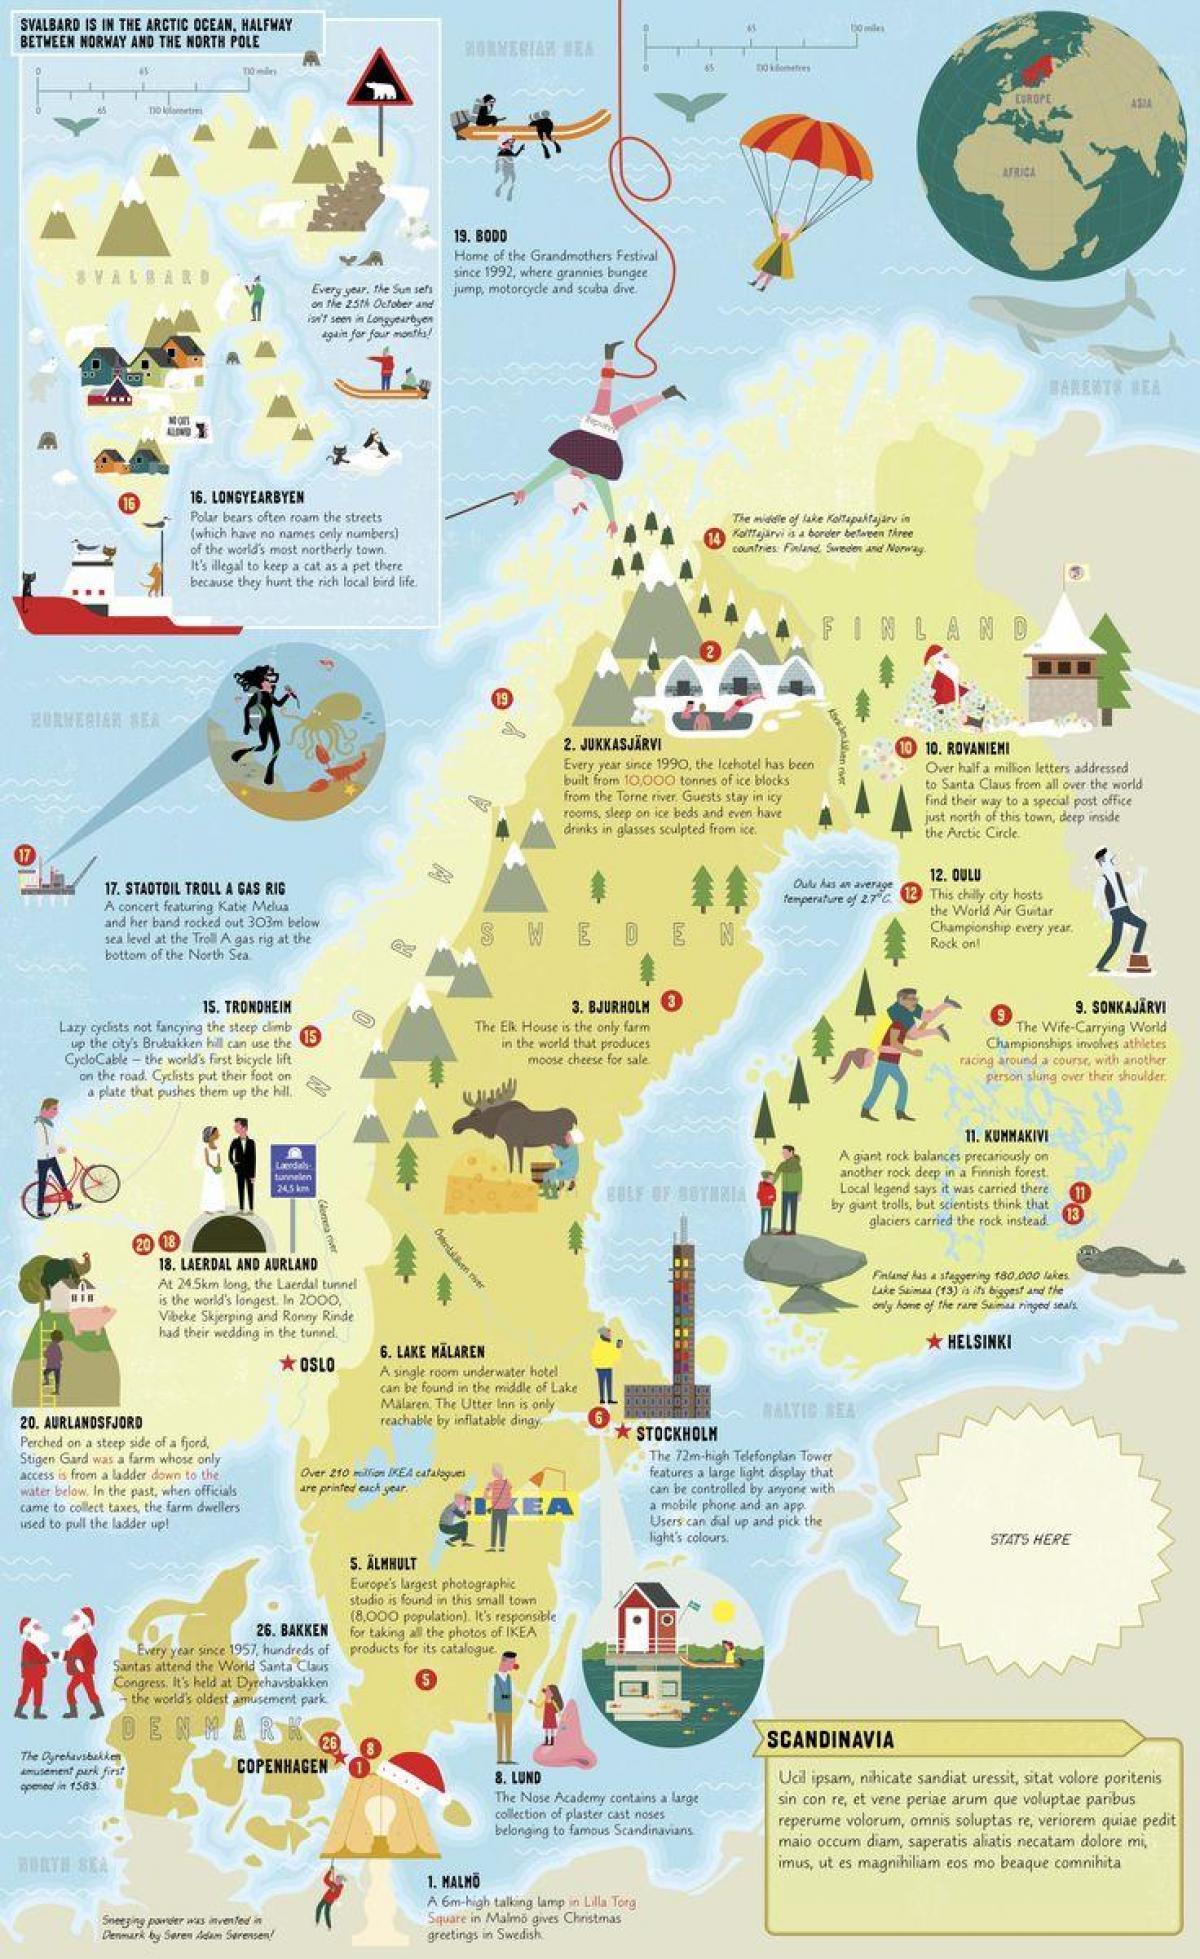 kart over ikea sverige Sverige attraksjoner kart   Sverige attraksjon kart (Nord Europa  kart over ikea sverige